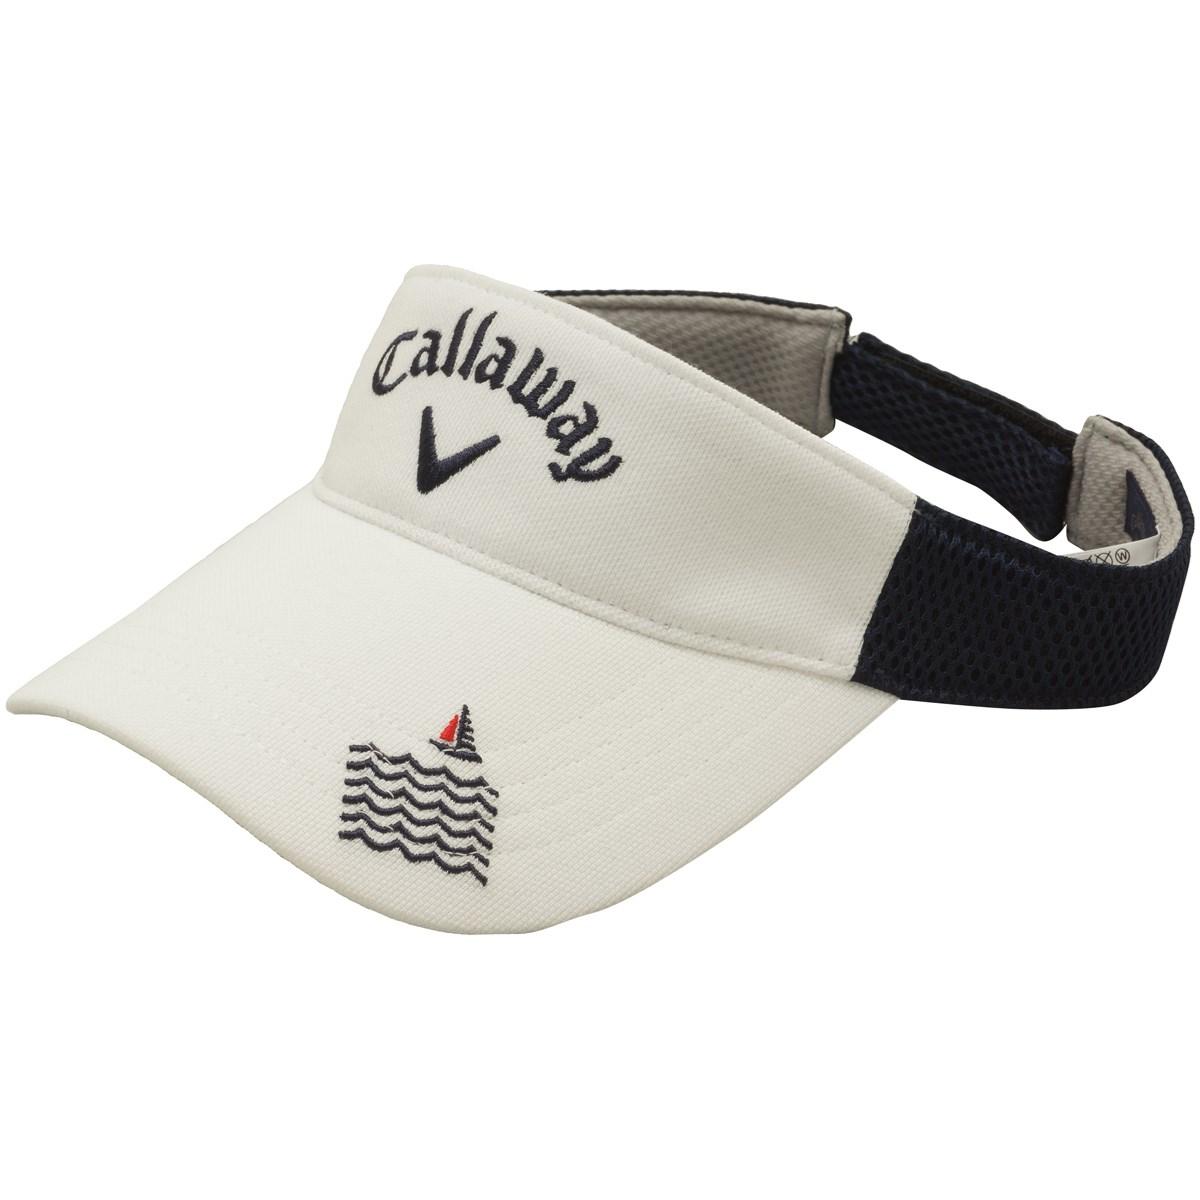 キャロウェイゴルフ(Callaway Golf) サンバイザー